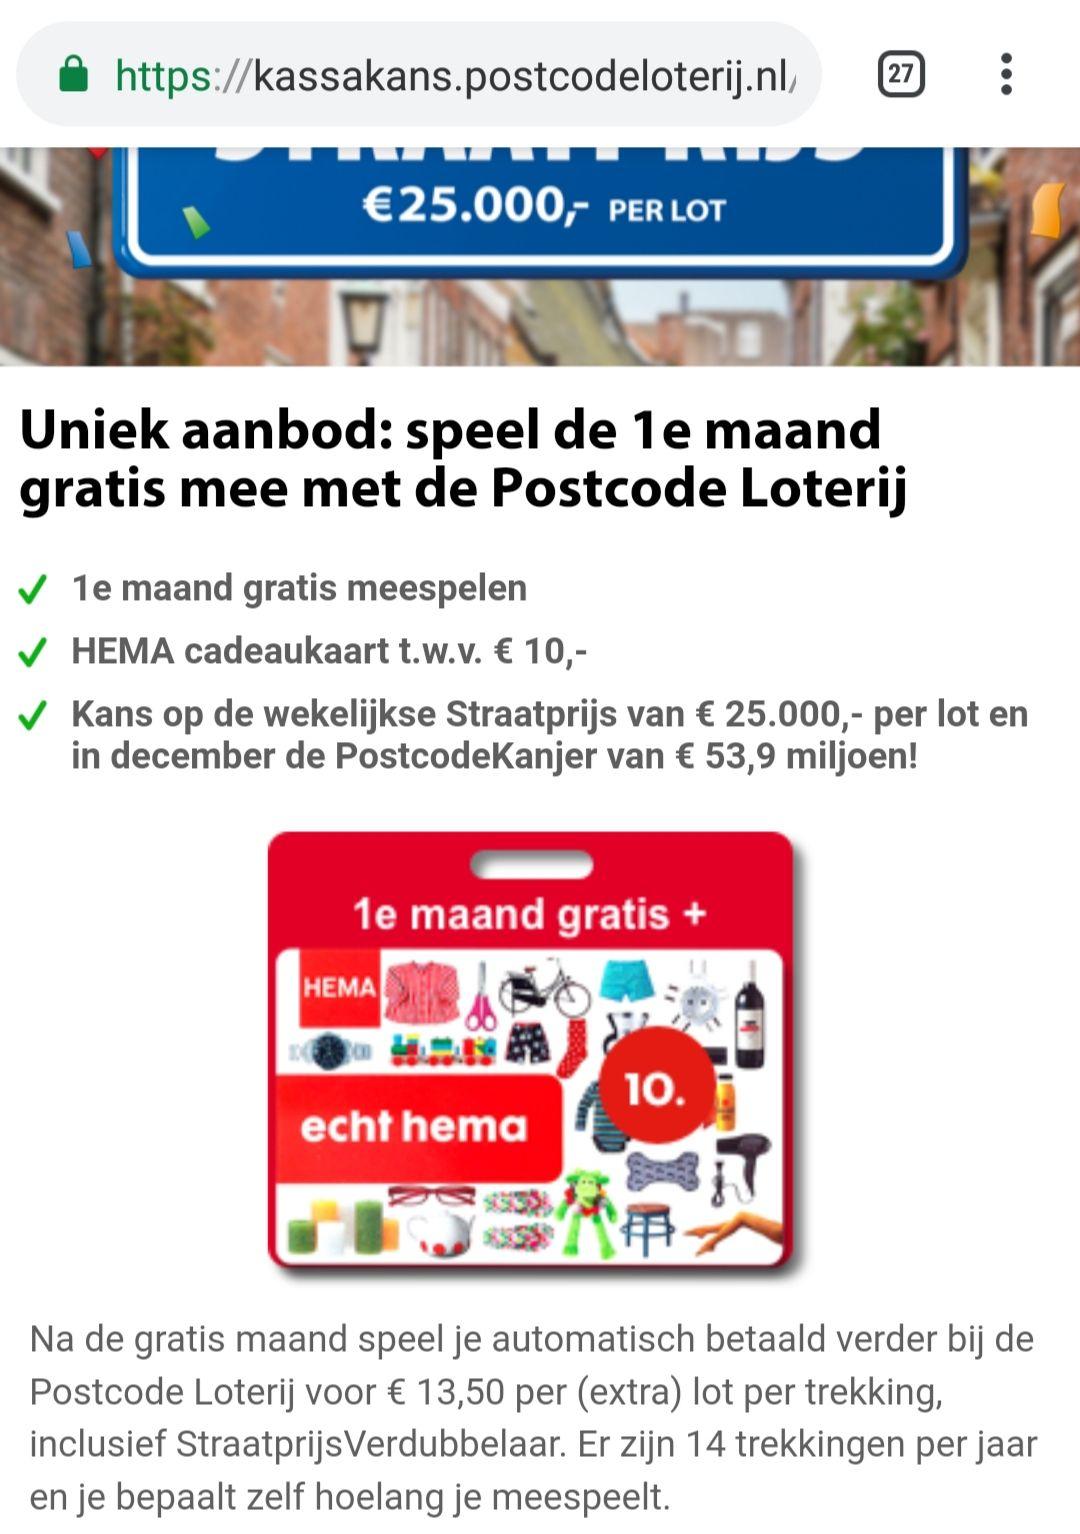 1 maand gratis + €10 hema cadeaukaart @ postcodeloterij - pepper